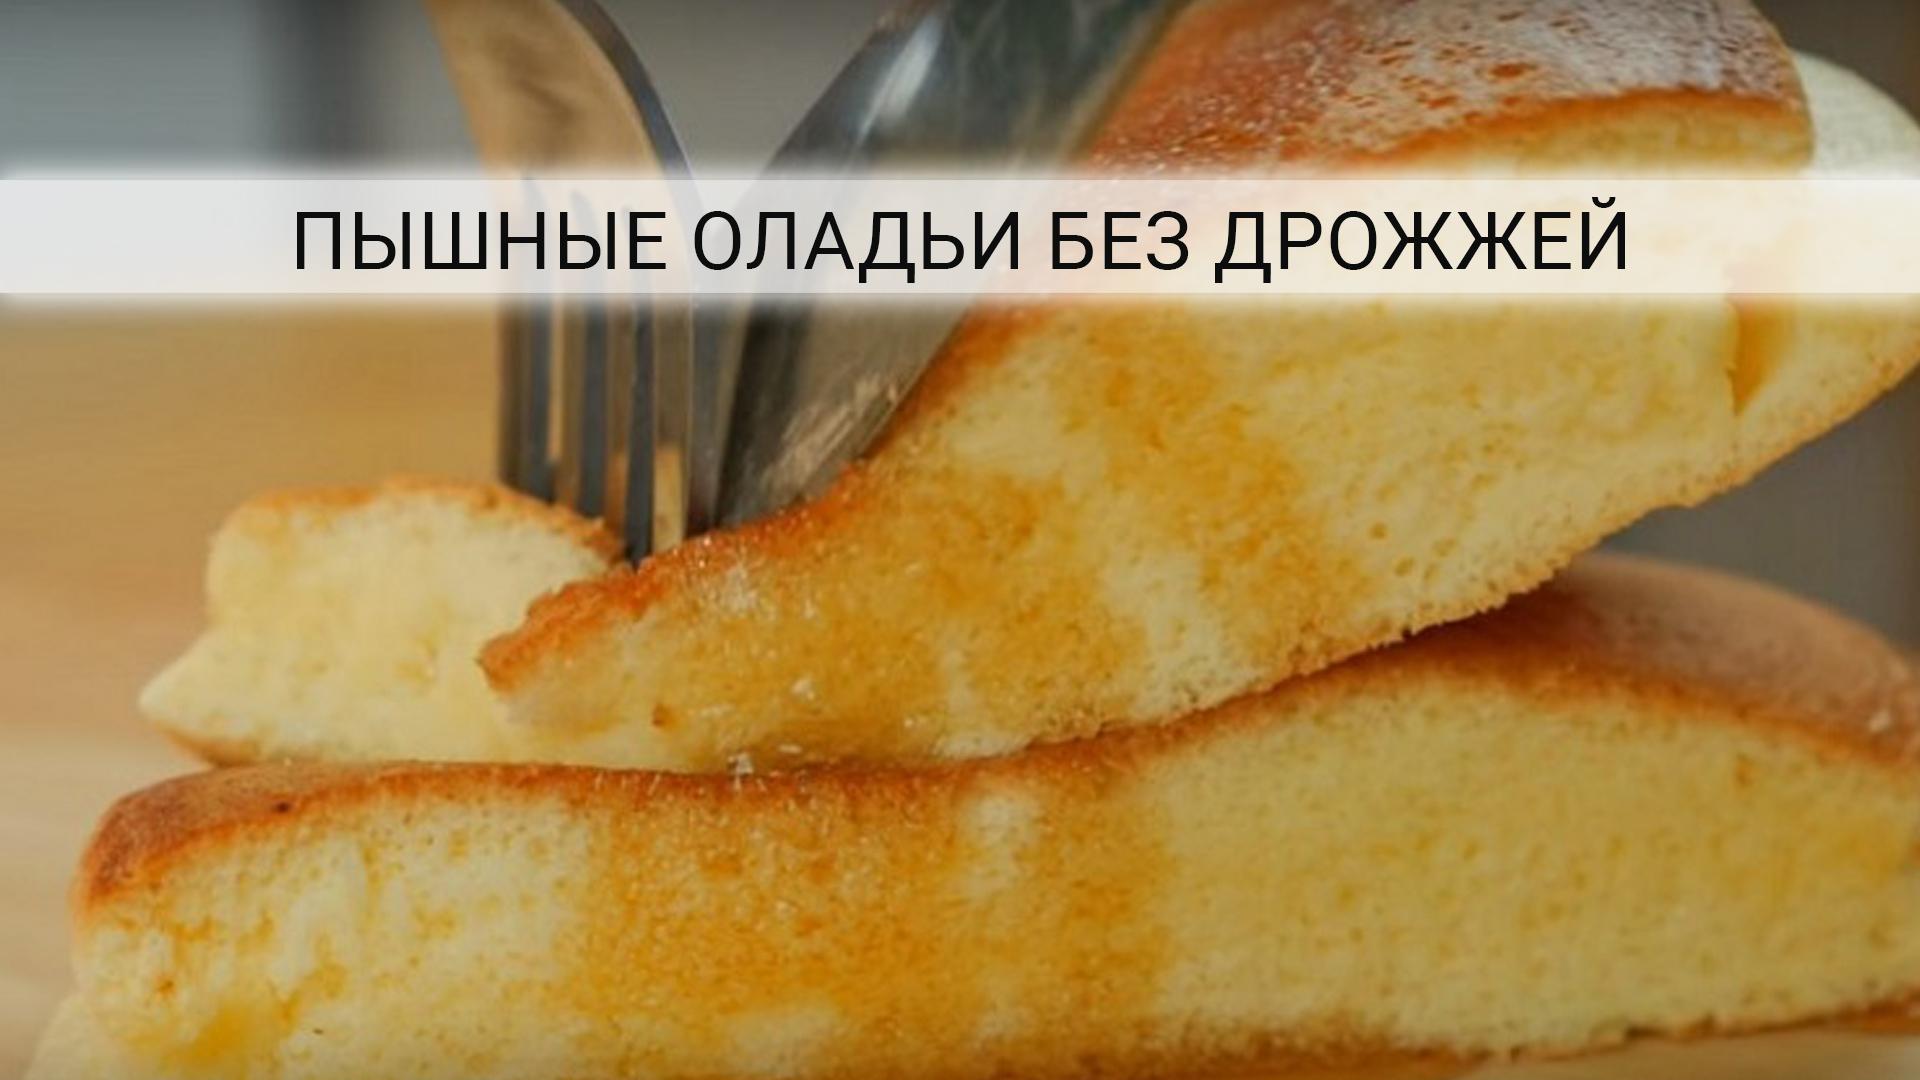 Рецепт оладушек на молоке пышные без дрожжей с фото пошагово